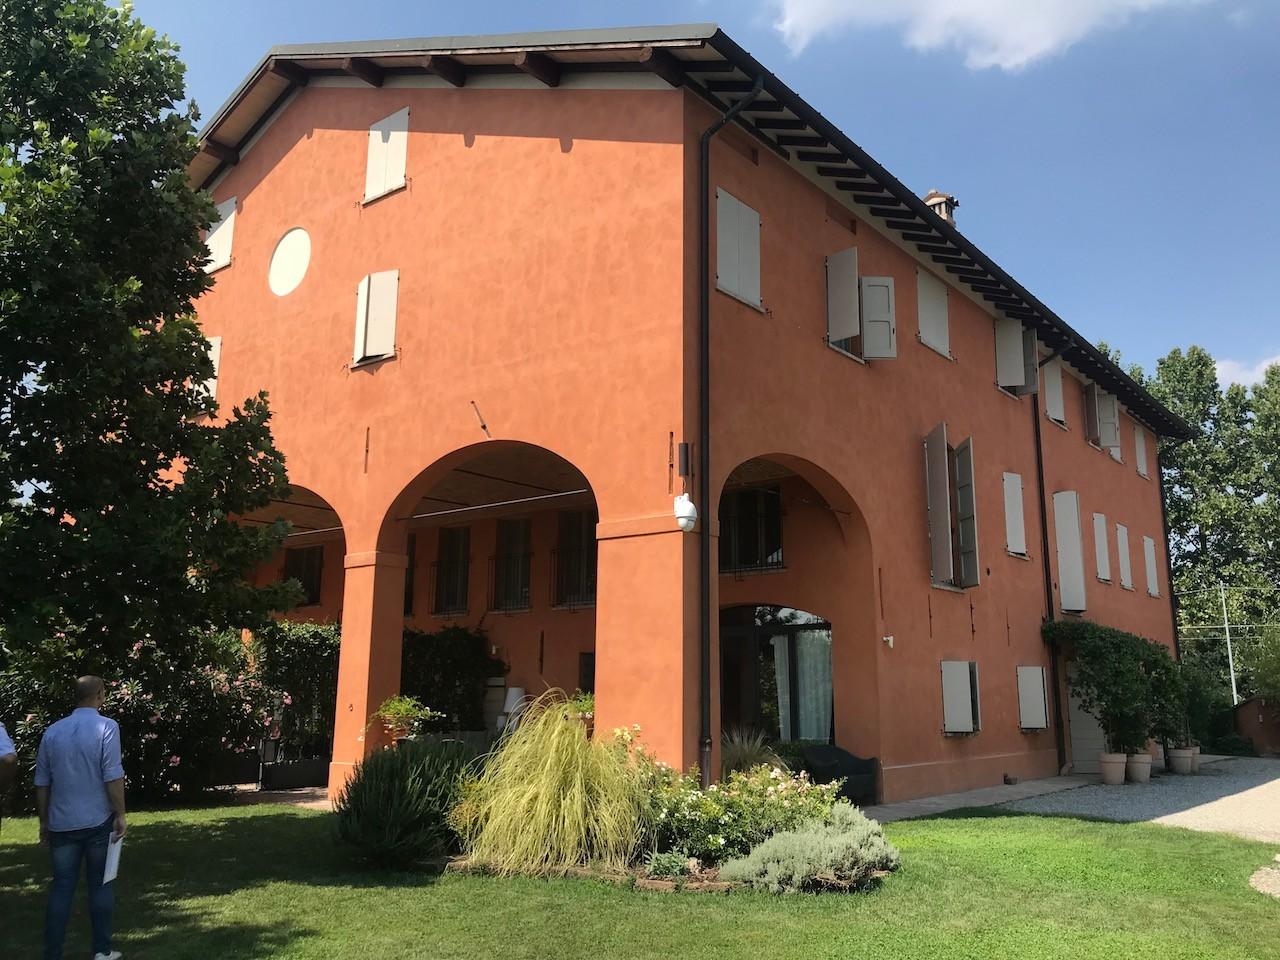 Villa Bifamiliare in vendita Modena Baggiovara